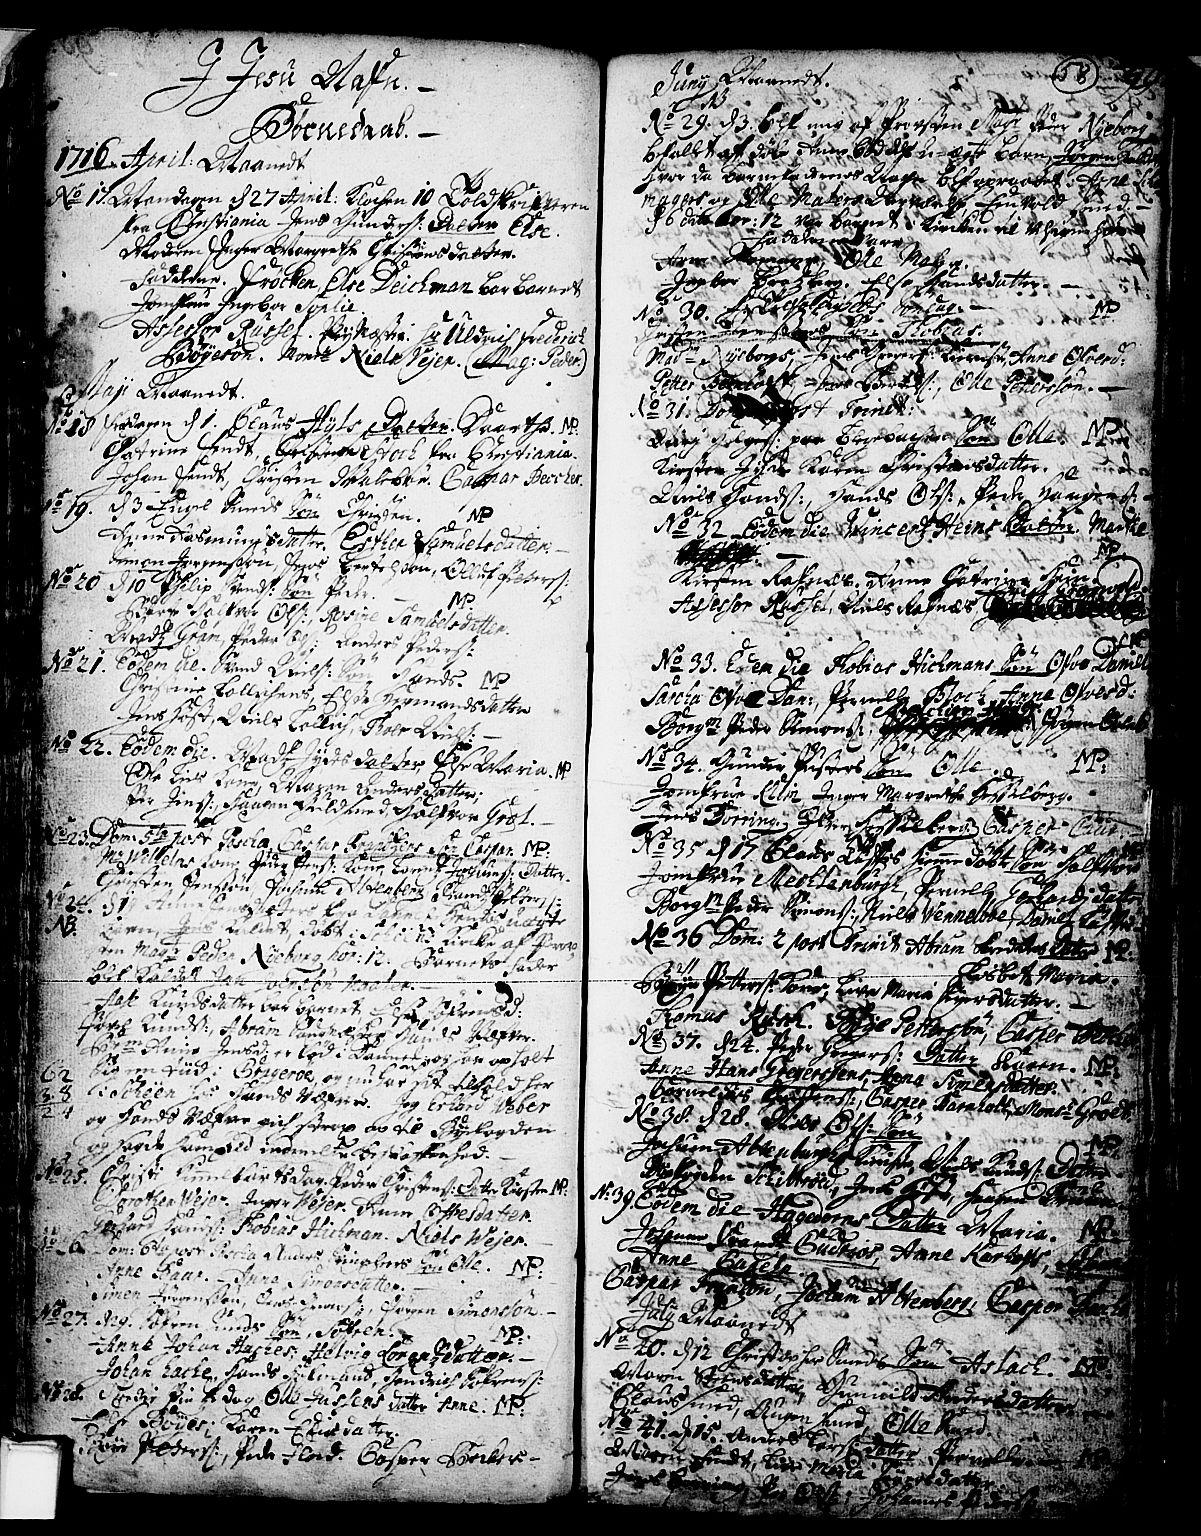 SAKO, Skien kirkebøker, F/Fa/L0002: Ministerialbok nr. 2, 1716-1757, s. 58